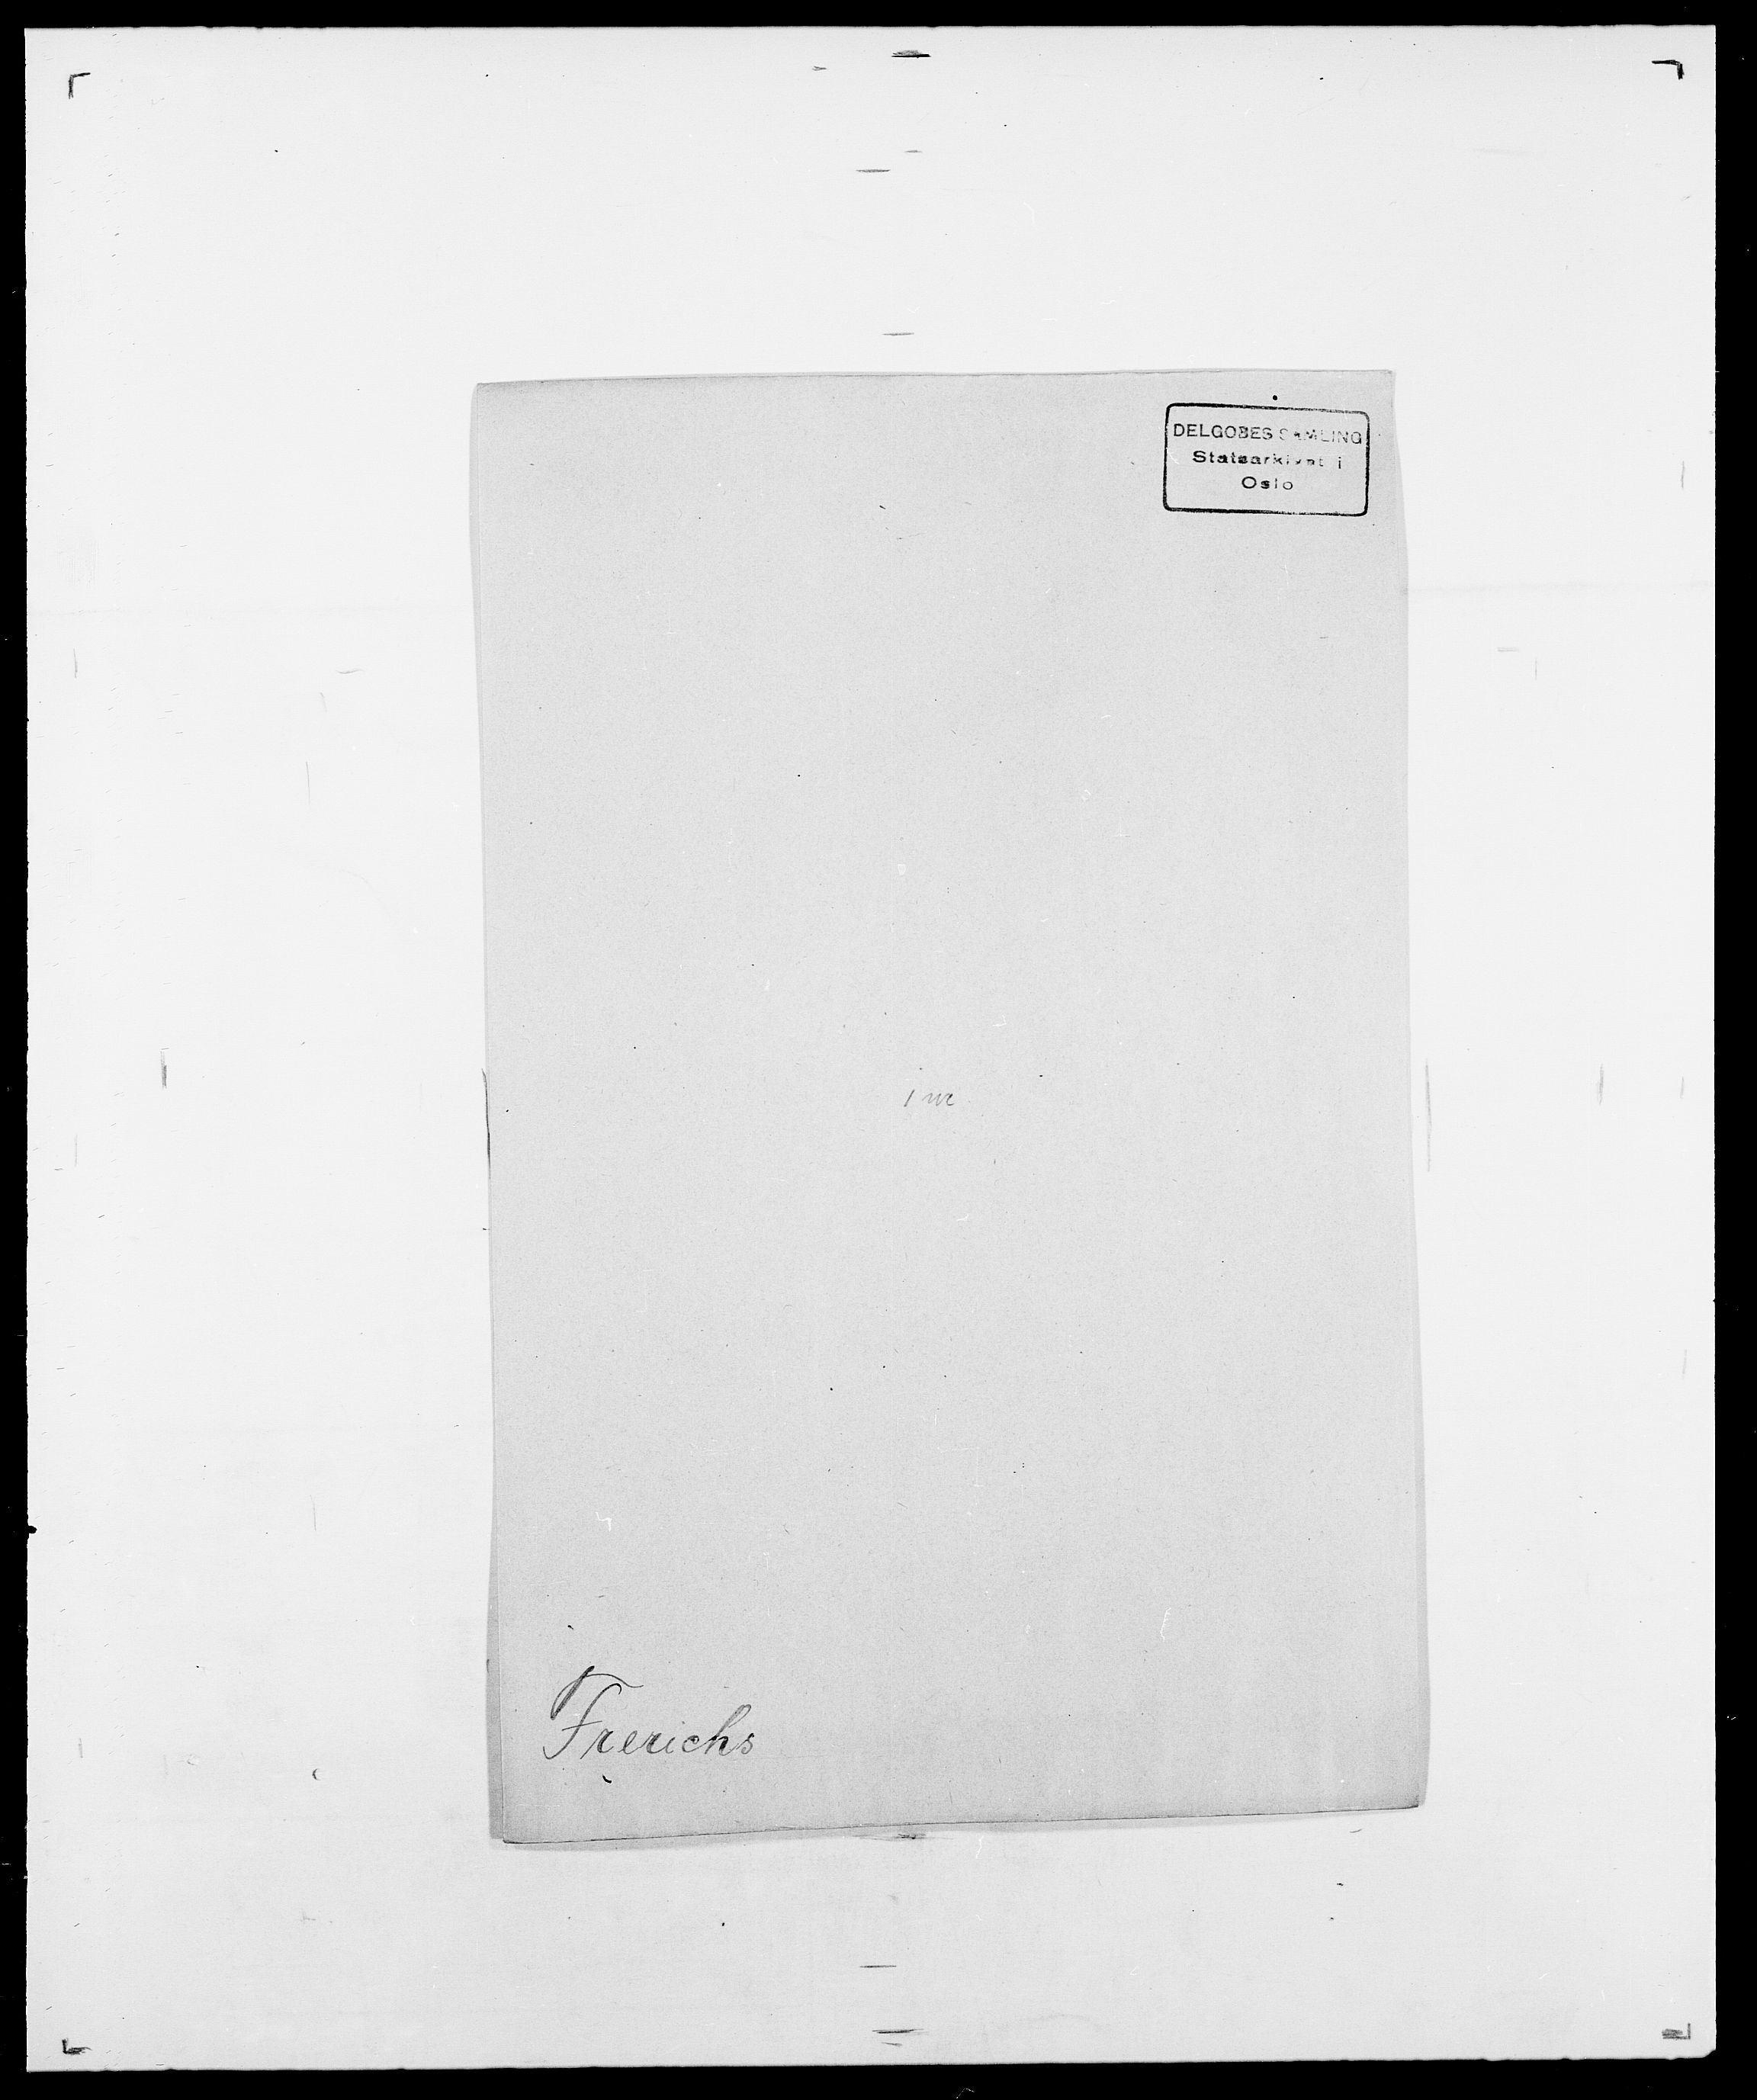 SAO, Delgobe, Charles Antoine - samling, D/Da/L0012: Flor, Floer, Flohr - Fritzner, s. 749